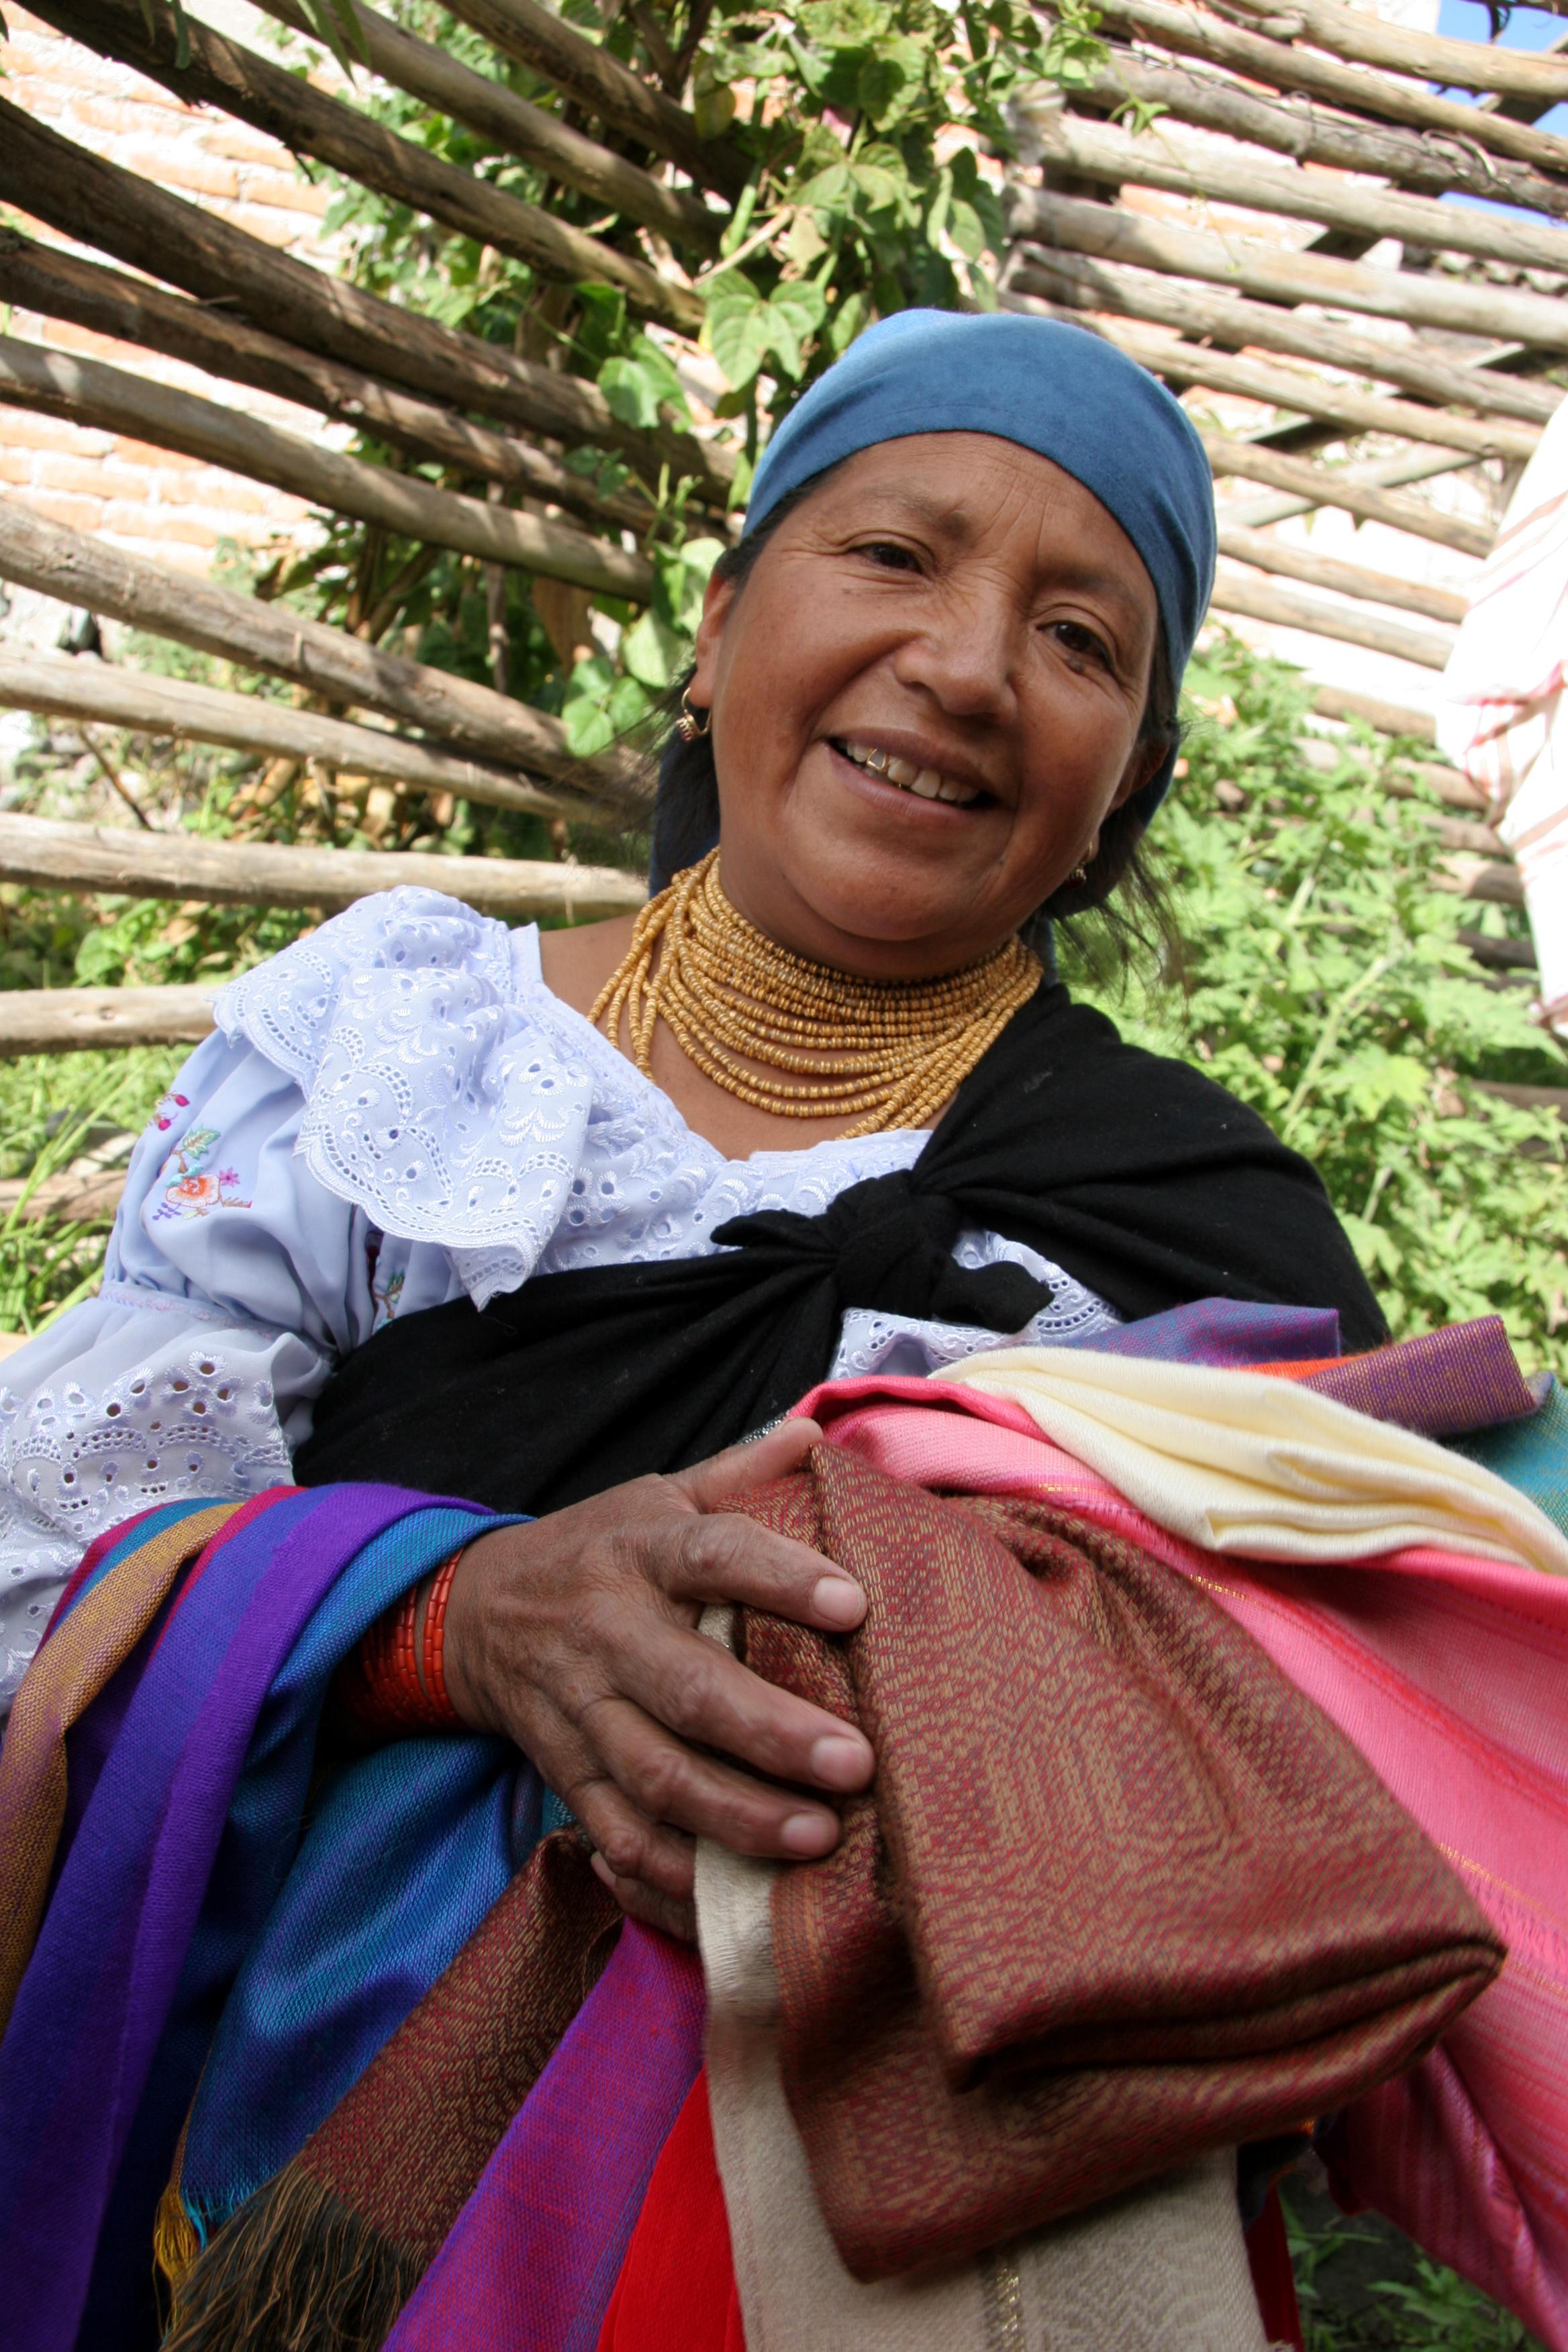 datation et les coutumes du mariage en Équateur